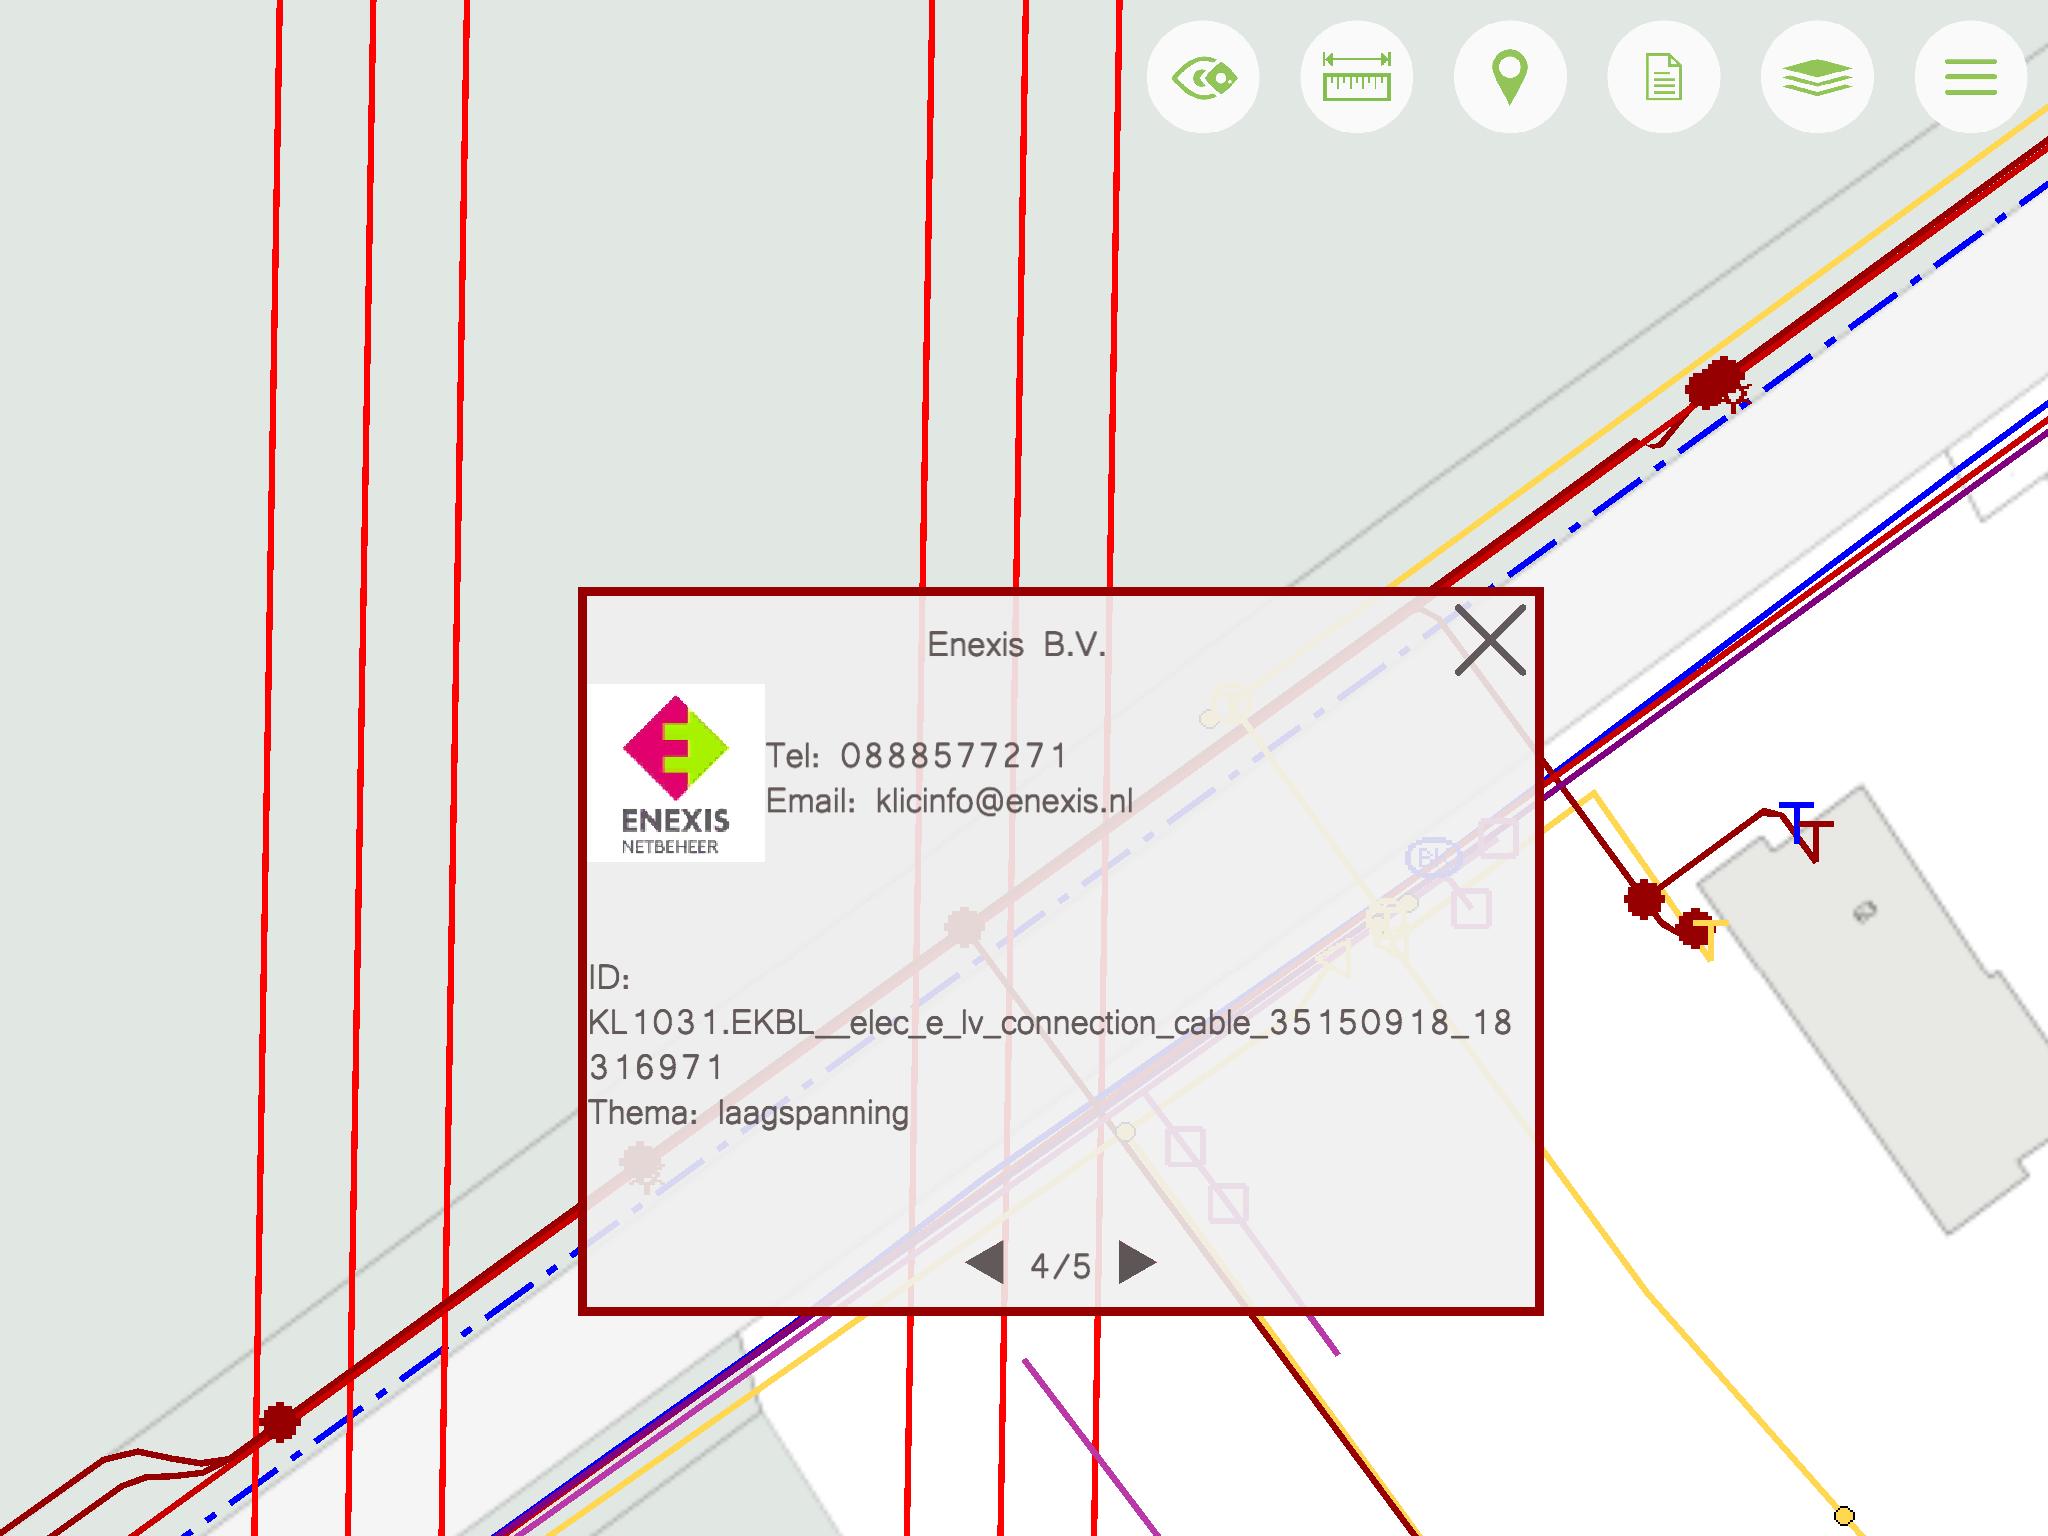 BlindGuide KLIC identifier